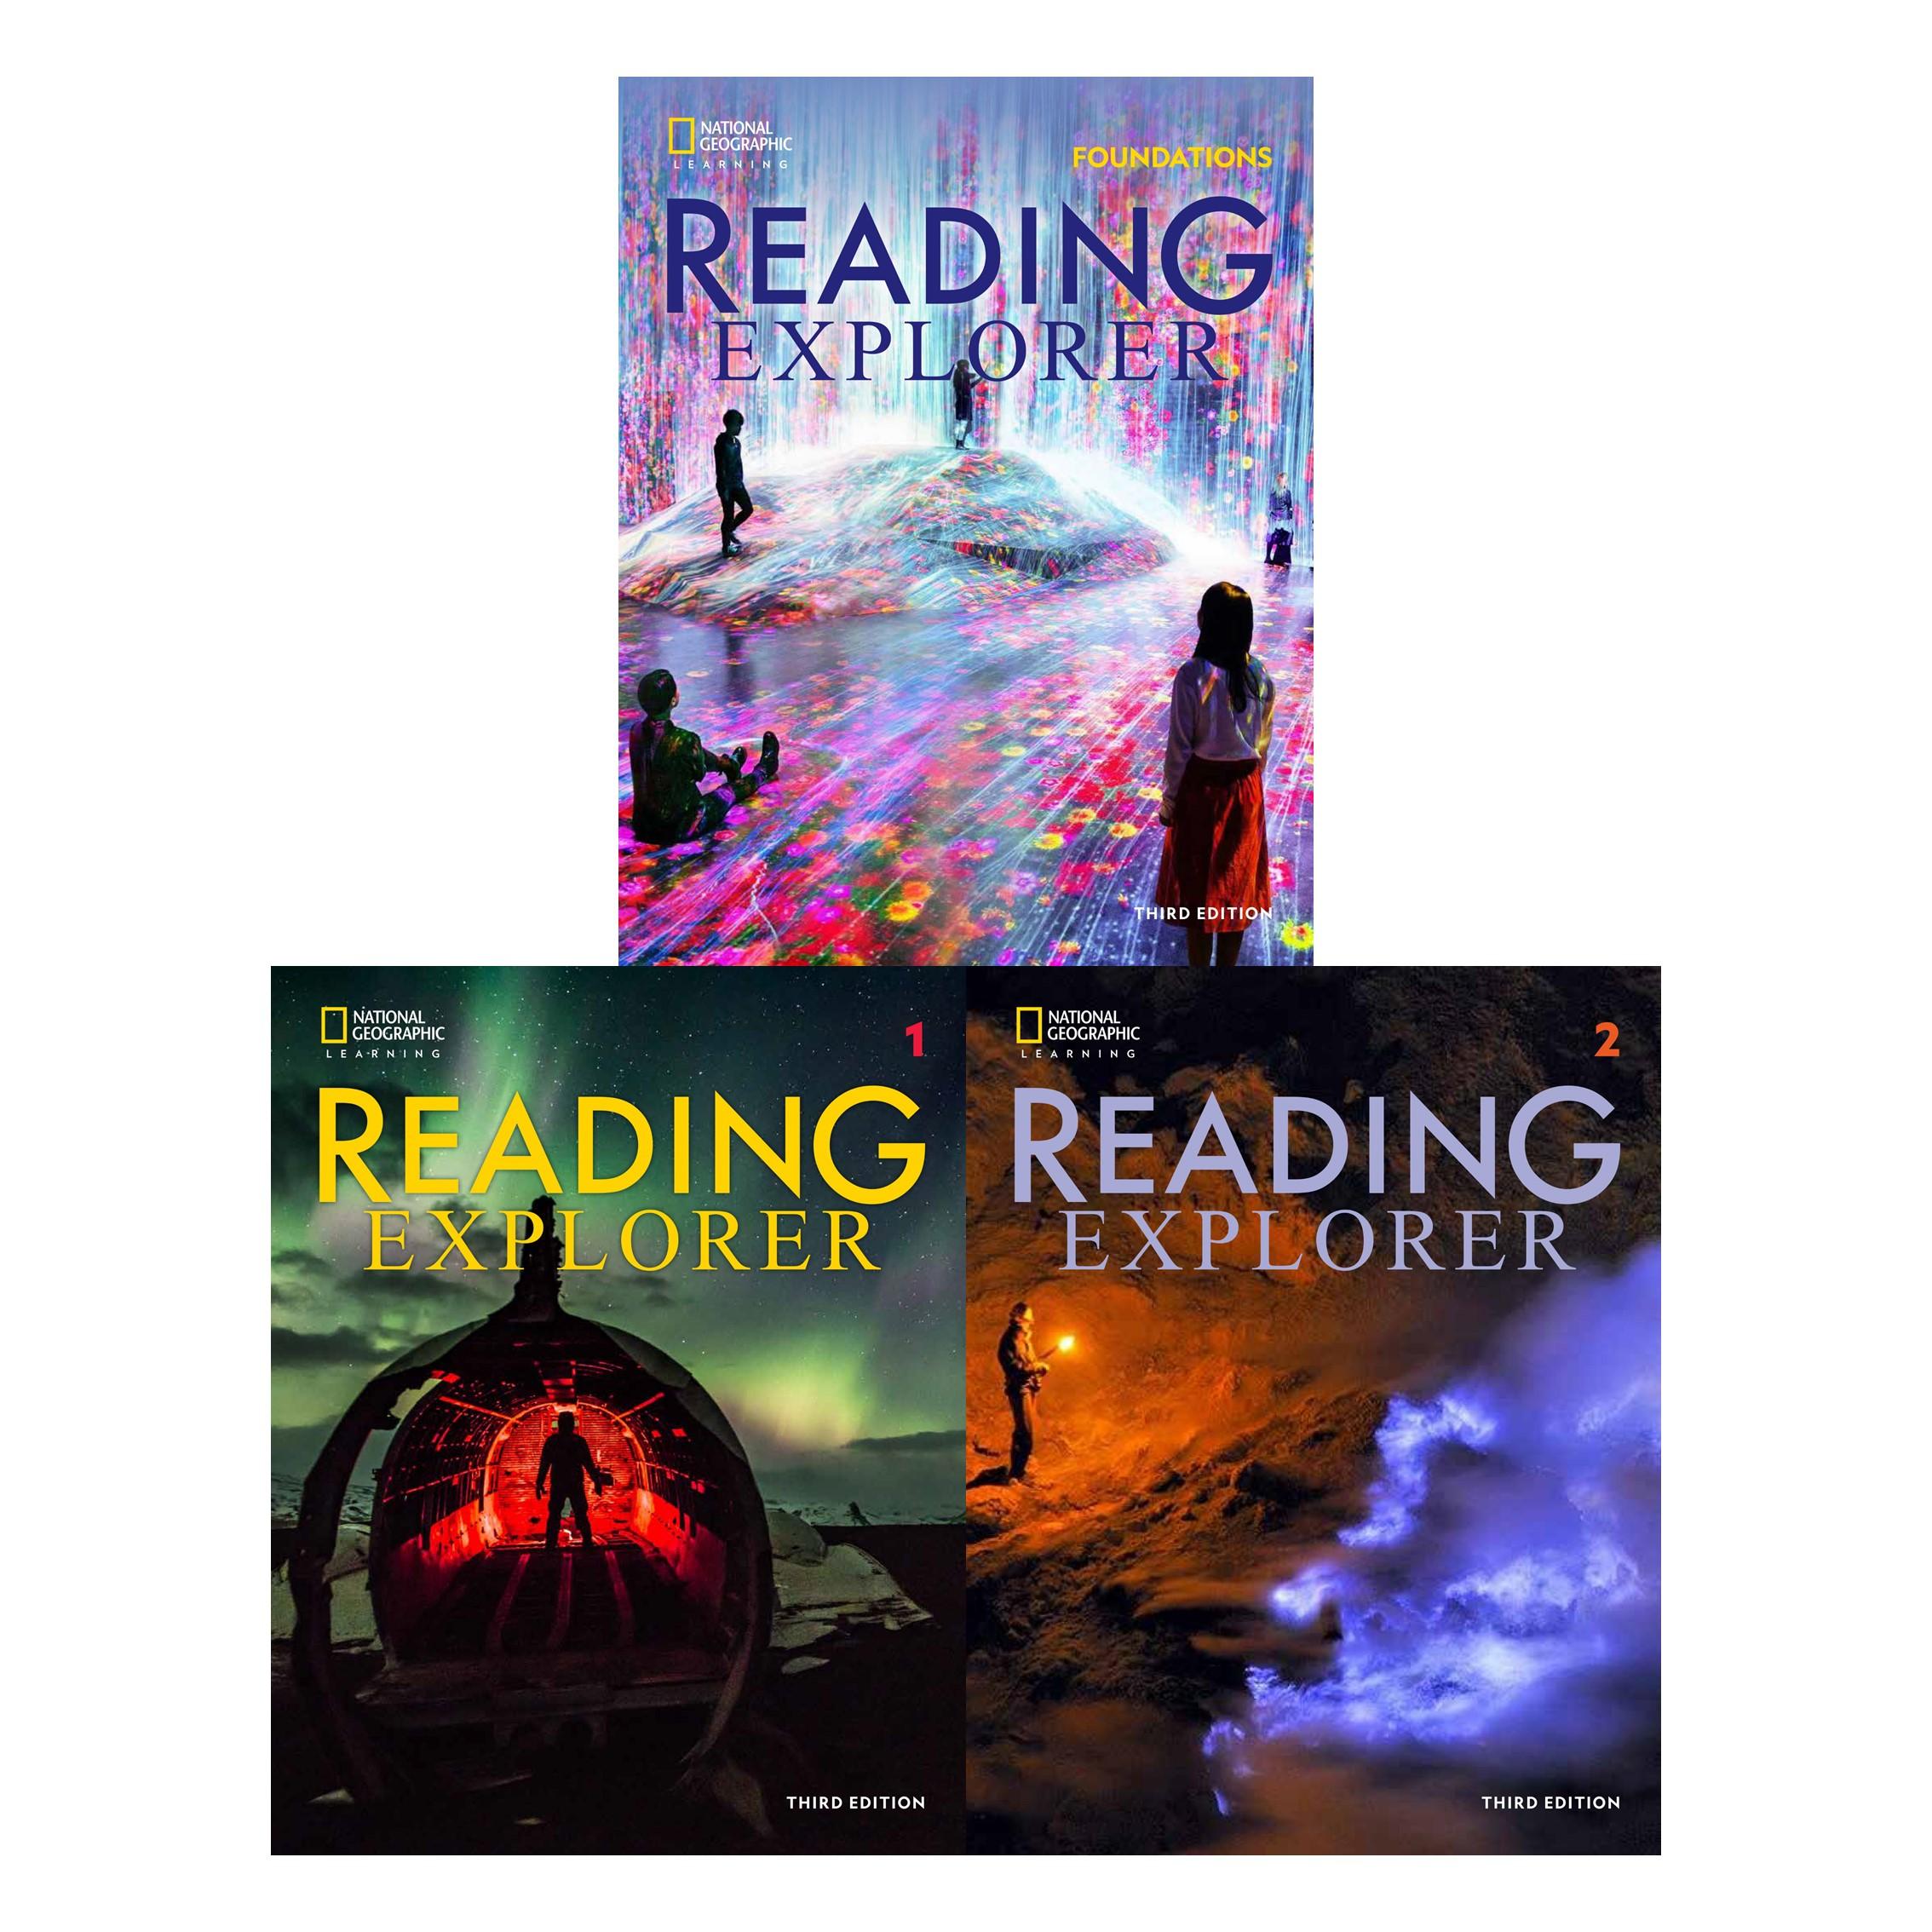 [앵콜공구] Reading explorer 3/E 레벨 Foundations, 1, 2 (Student book + Online Workbook sticker code)